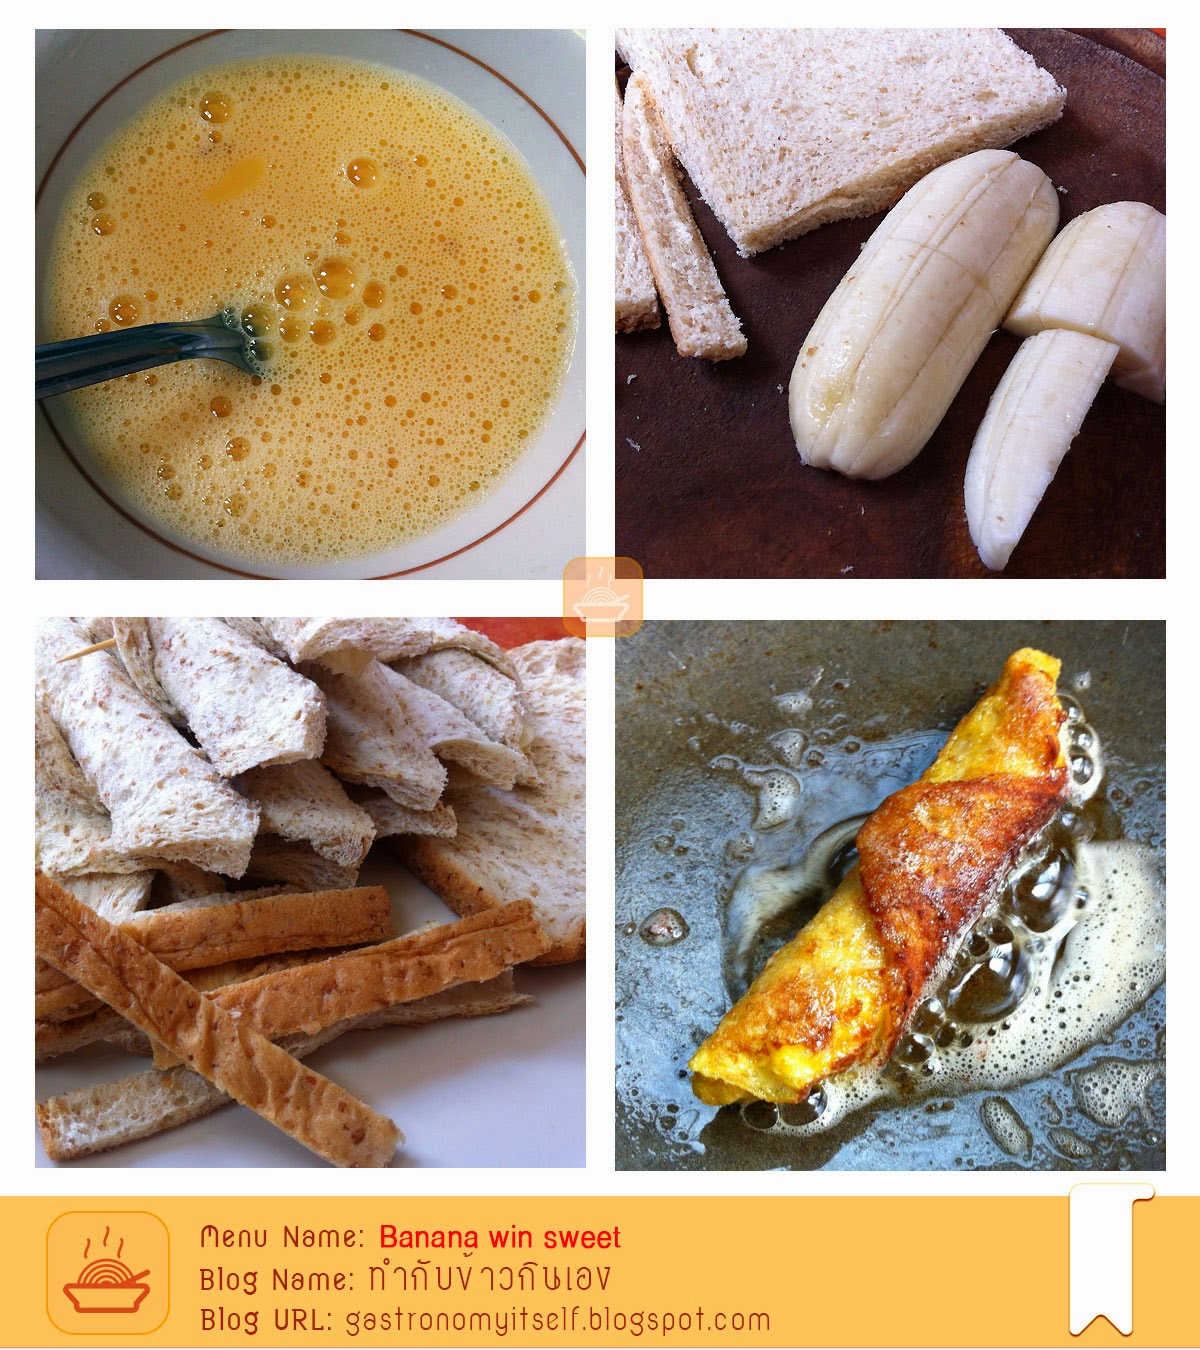 ทำกับข้าวกินเองมื้อนี้ขอเสนอของหวาน อ้อมเรียกว่า Banana win sweet